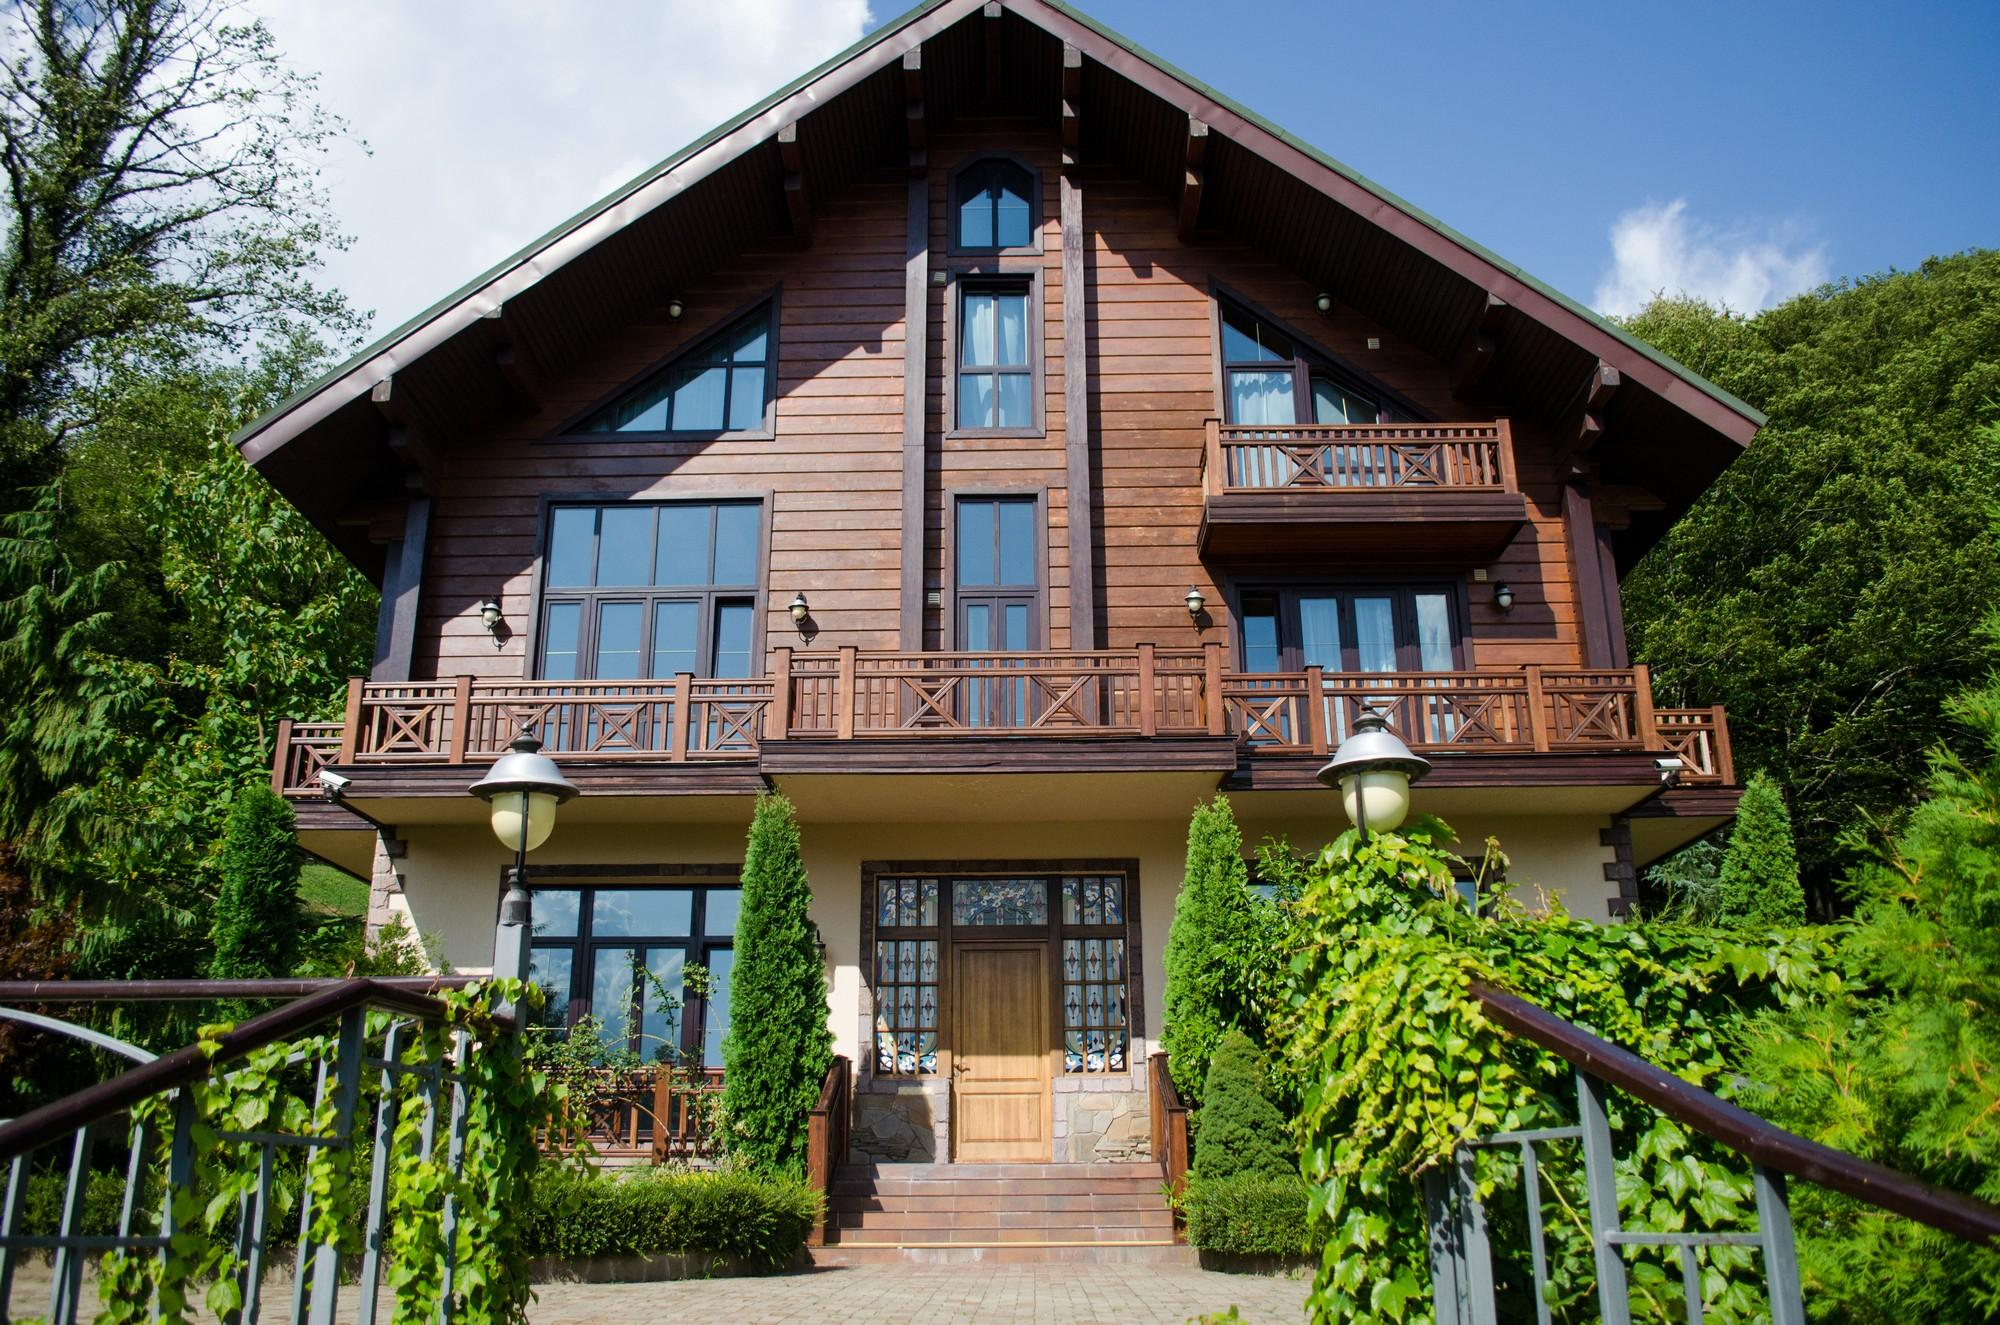 Продажа горной резиденции в Красной поляне - image prodazha-gostinicy-v-krasnoi-polyane-4 on https://bizneskvartal.ru